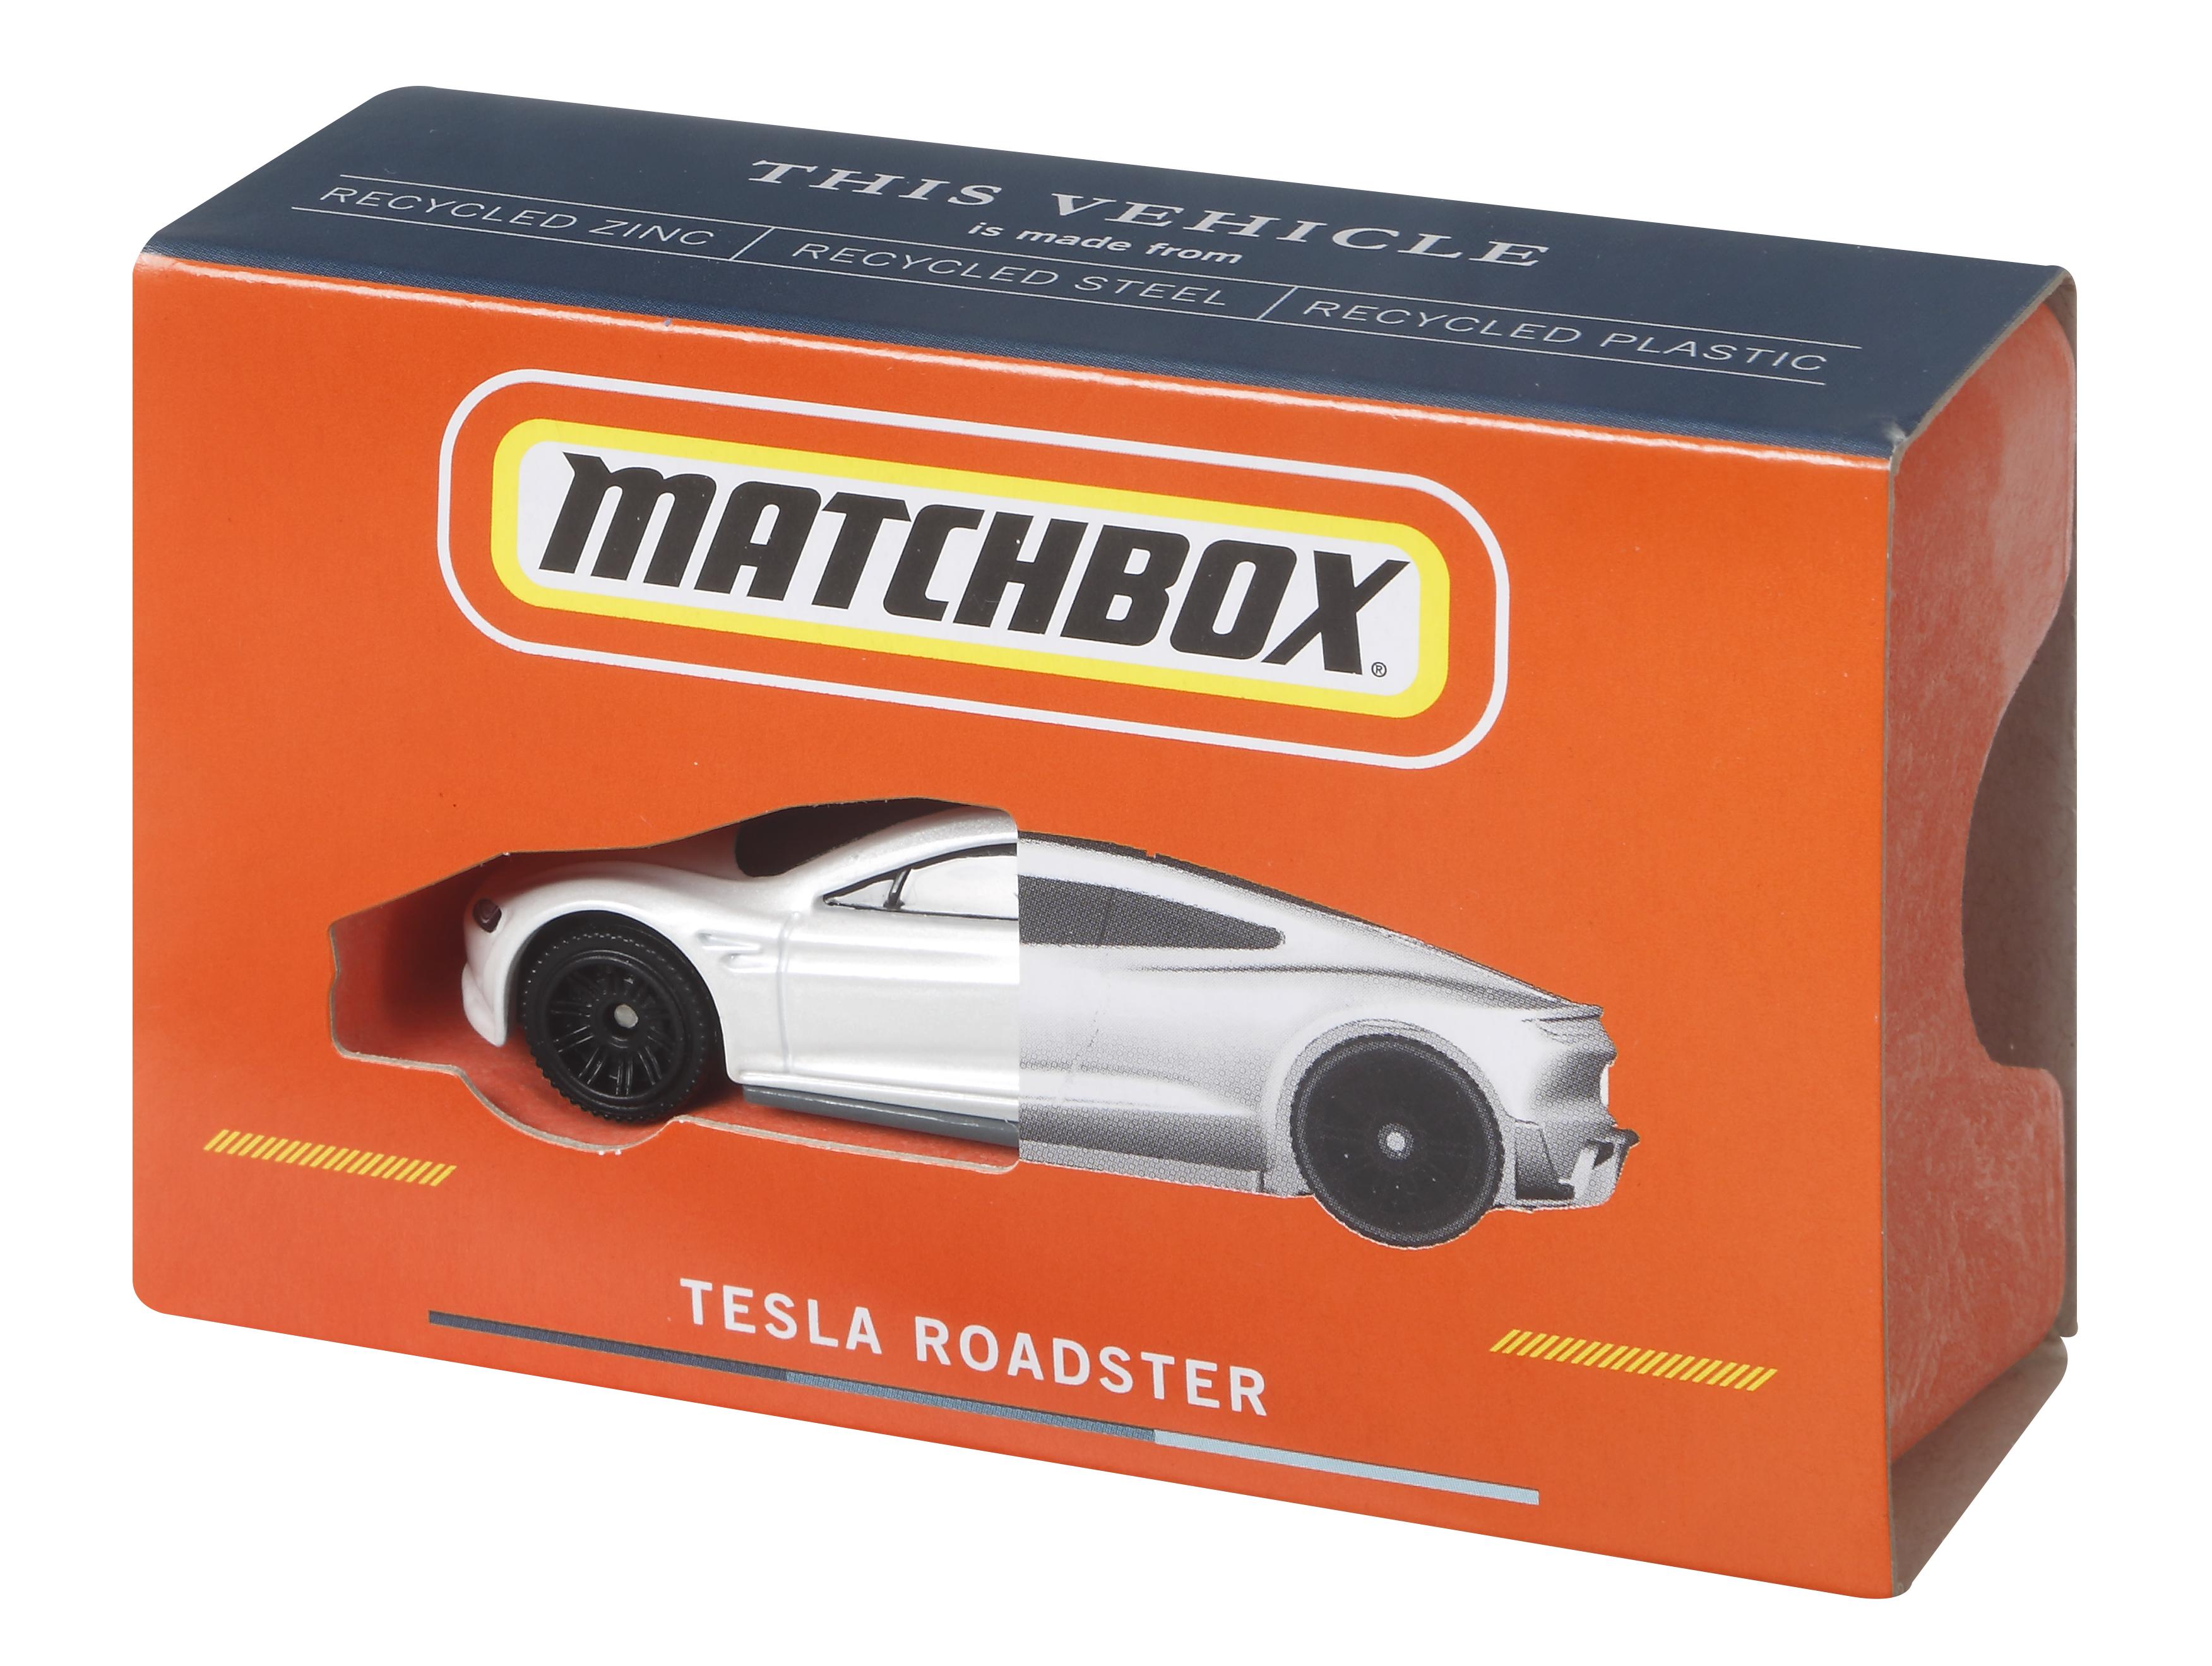 Der originalgetreue Matchbox Tesla im Maßstab 1:64 kommt in einer plastikfreien Verpackung aus FSC-zertifiziertem Papier sowie entsprechenden Holzfasern. Fotocredit: © Mattel